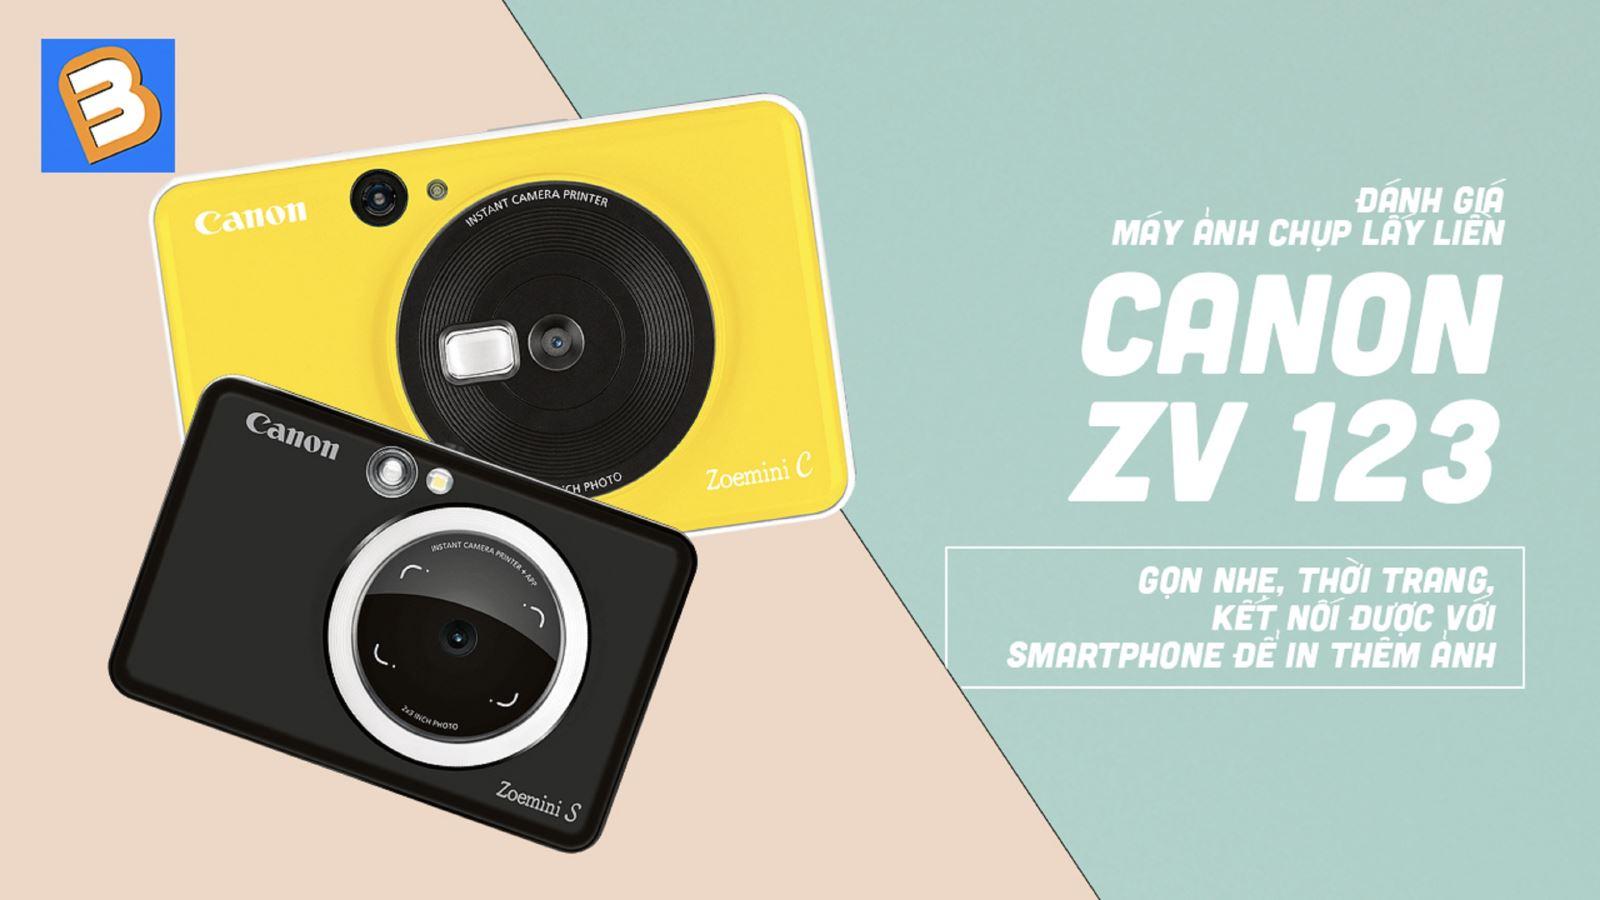 Đánh giámáy ảnh chụp lấy liềnCanon ZV123:gọn nhẹ, thời trang, kết nối được với smartphone để in thêm ảnh